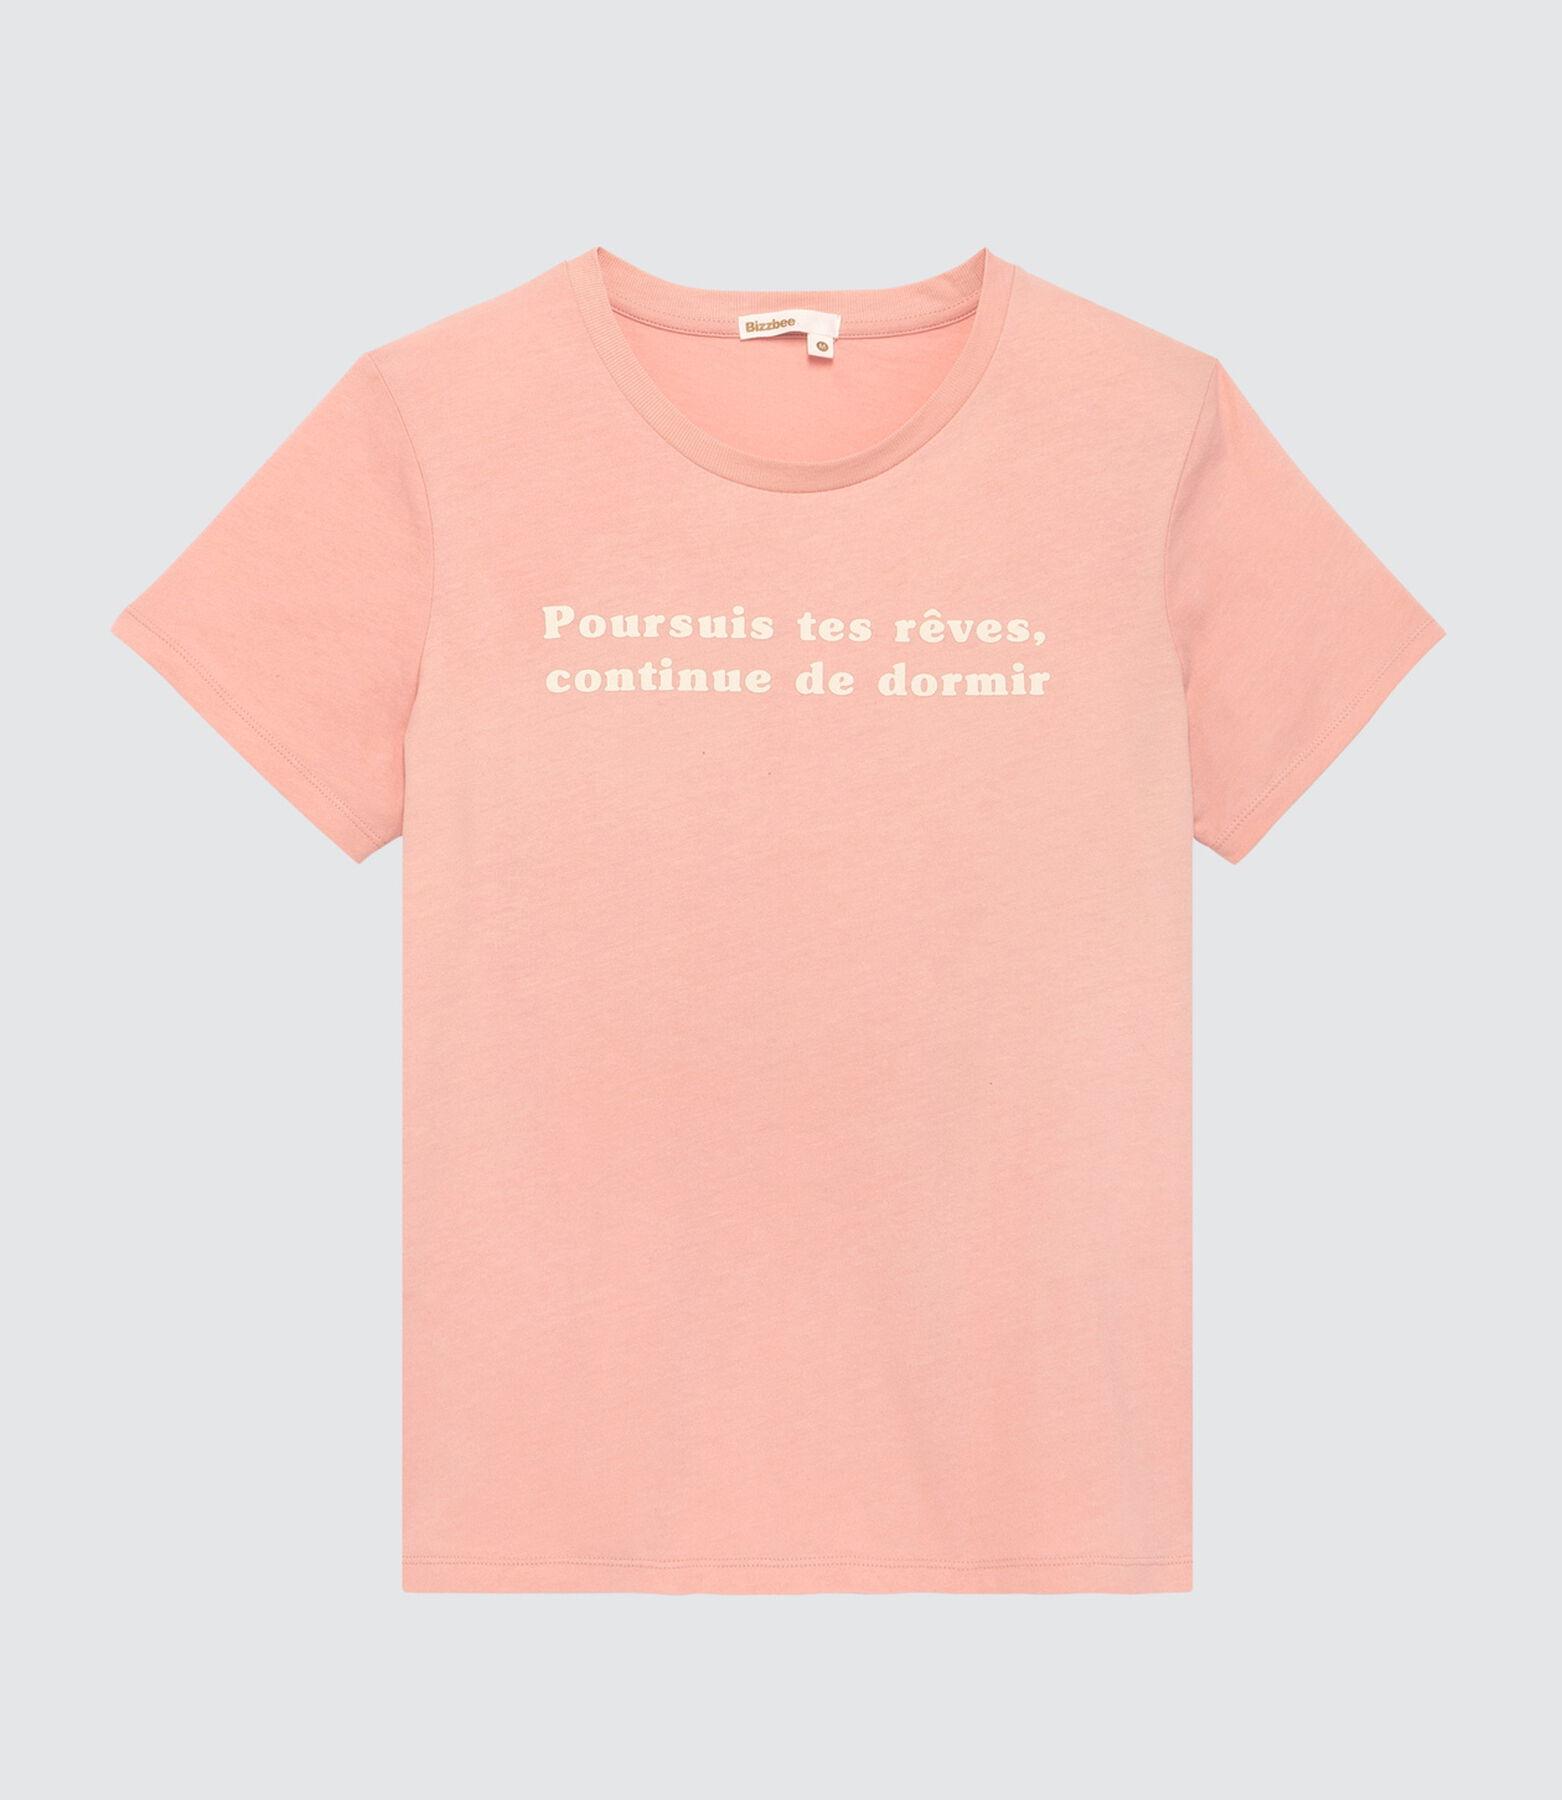 """T-shirt """"Poursuis tes rêves, continue de dormir"""""""